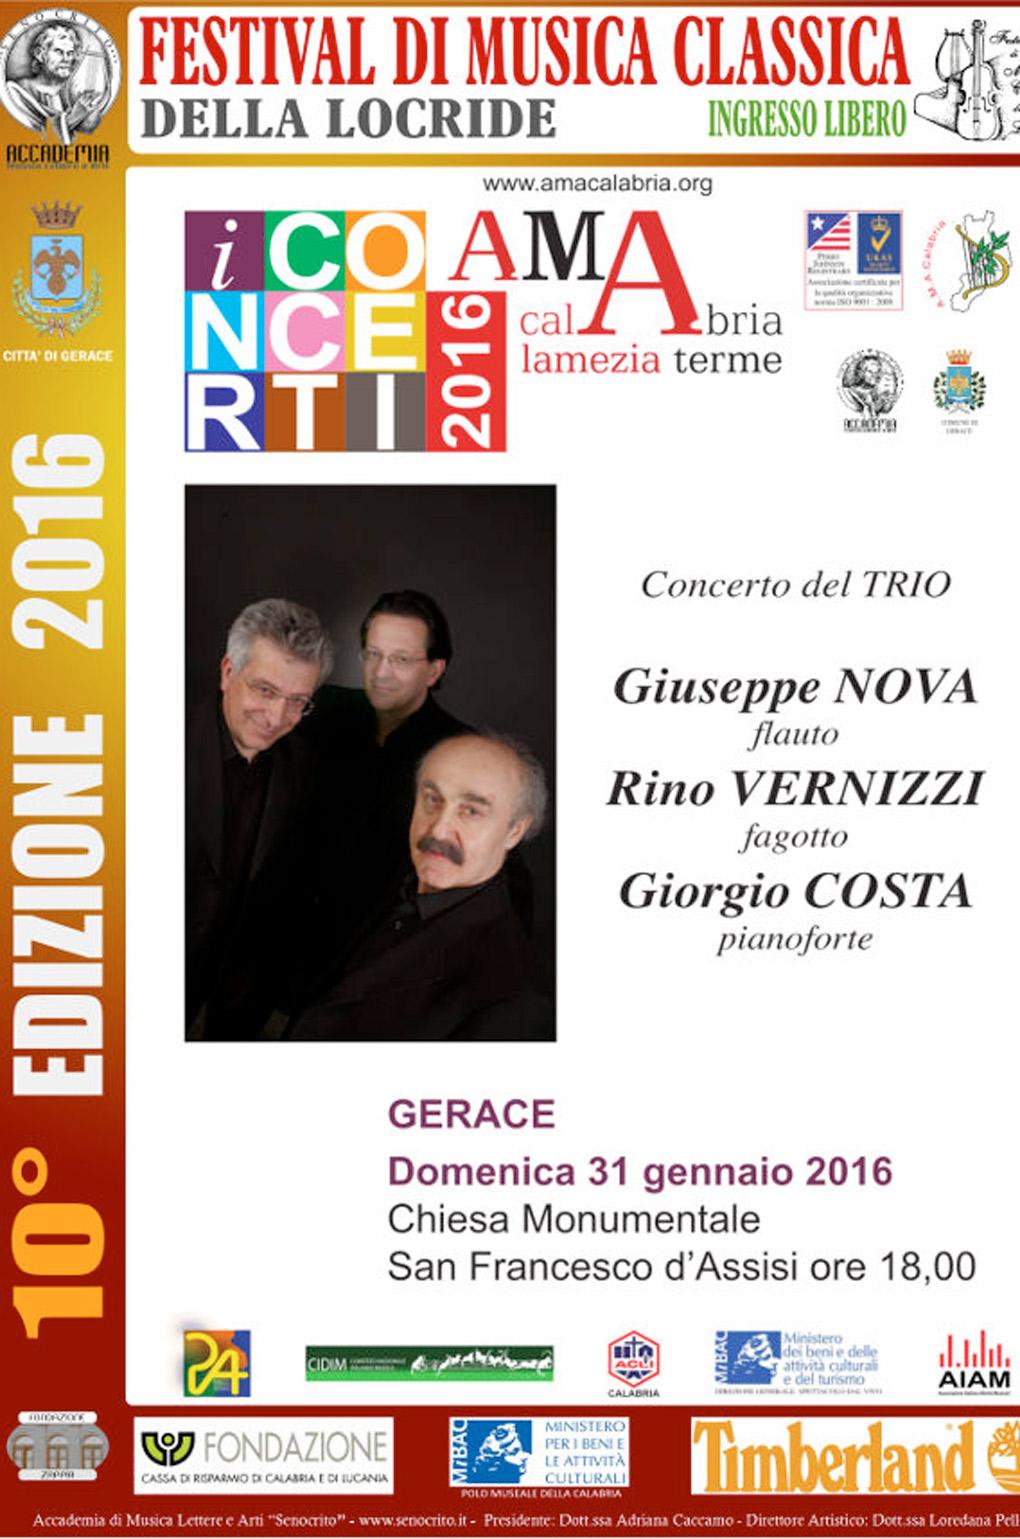 Gerace domenica alle 18 inizia il x festival di musica for Casa discografica musica classica